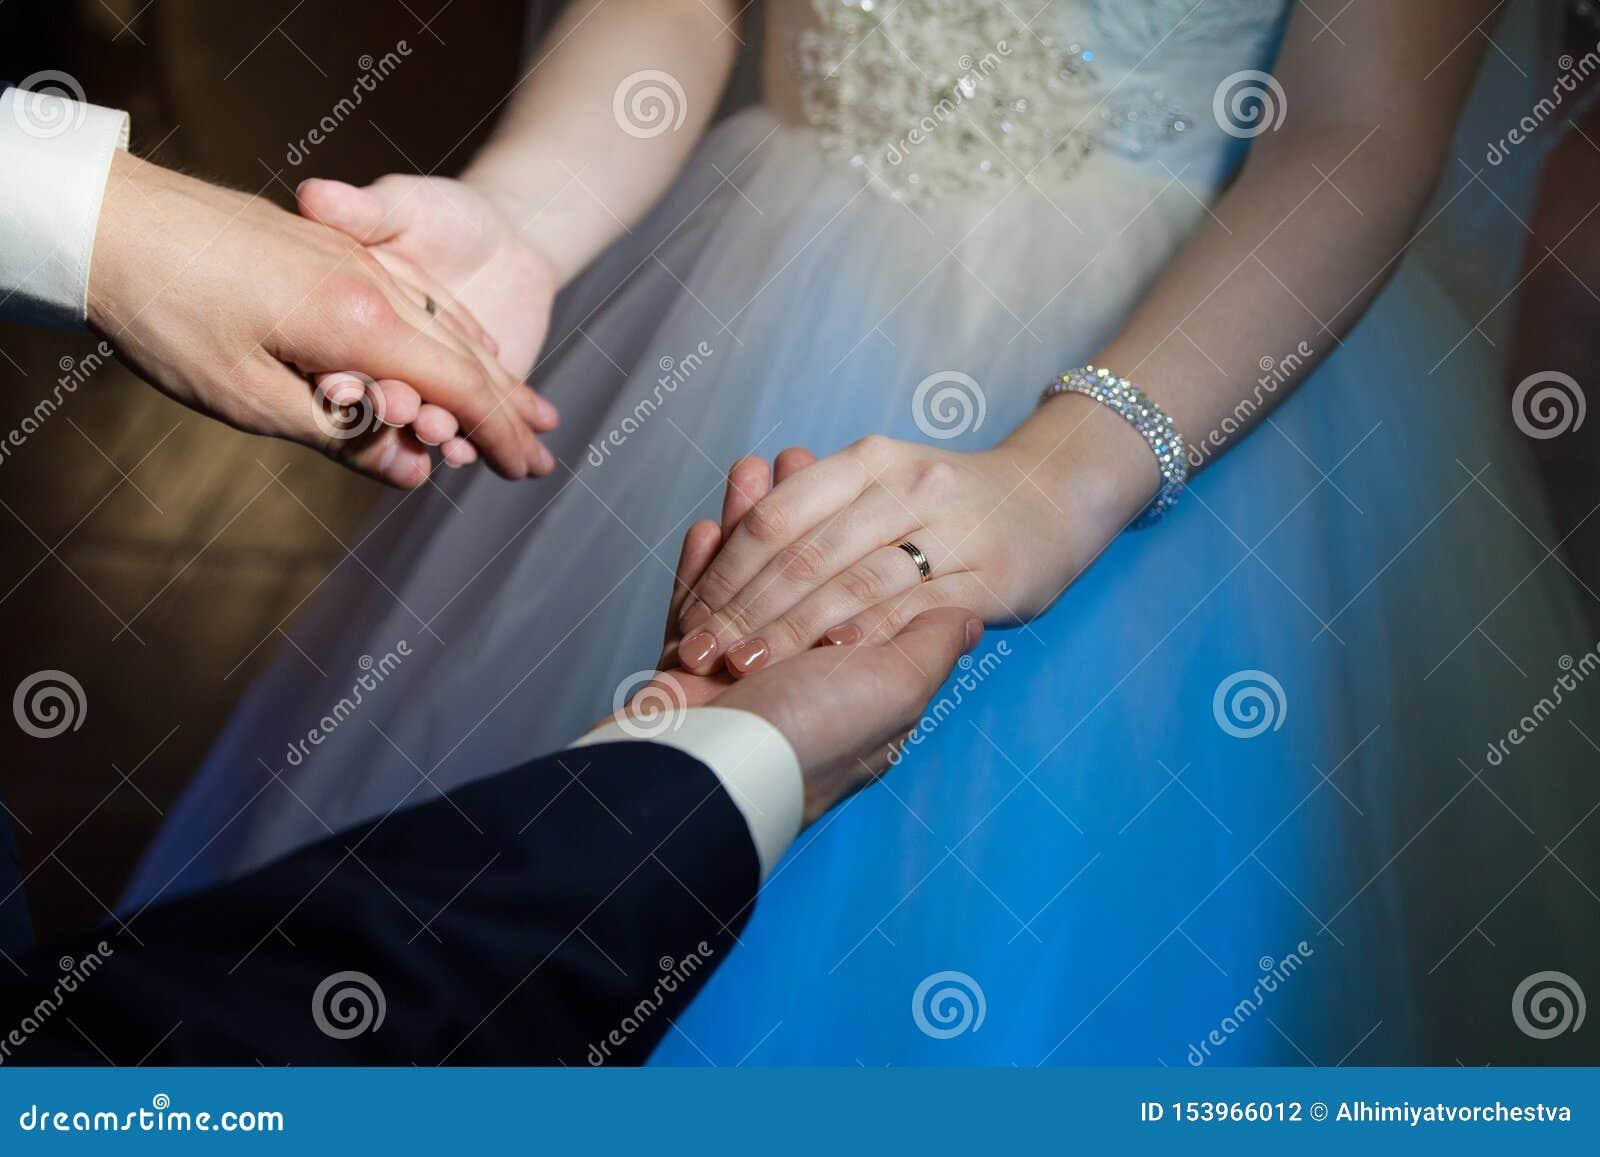 Bruid en bruidegomgreephanden tijdens de eerste dans, trouwringen